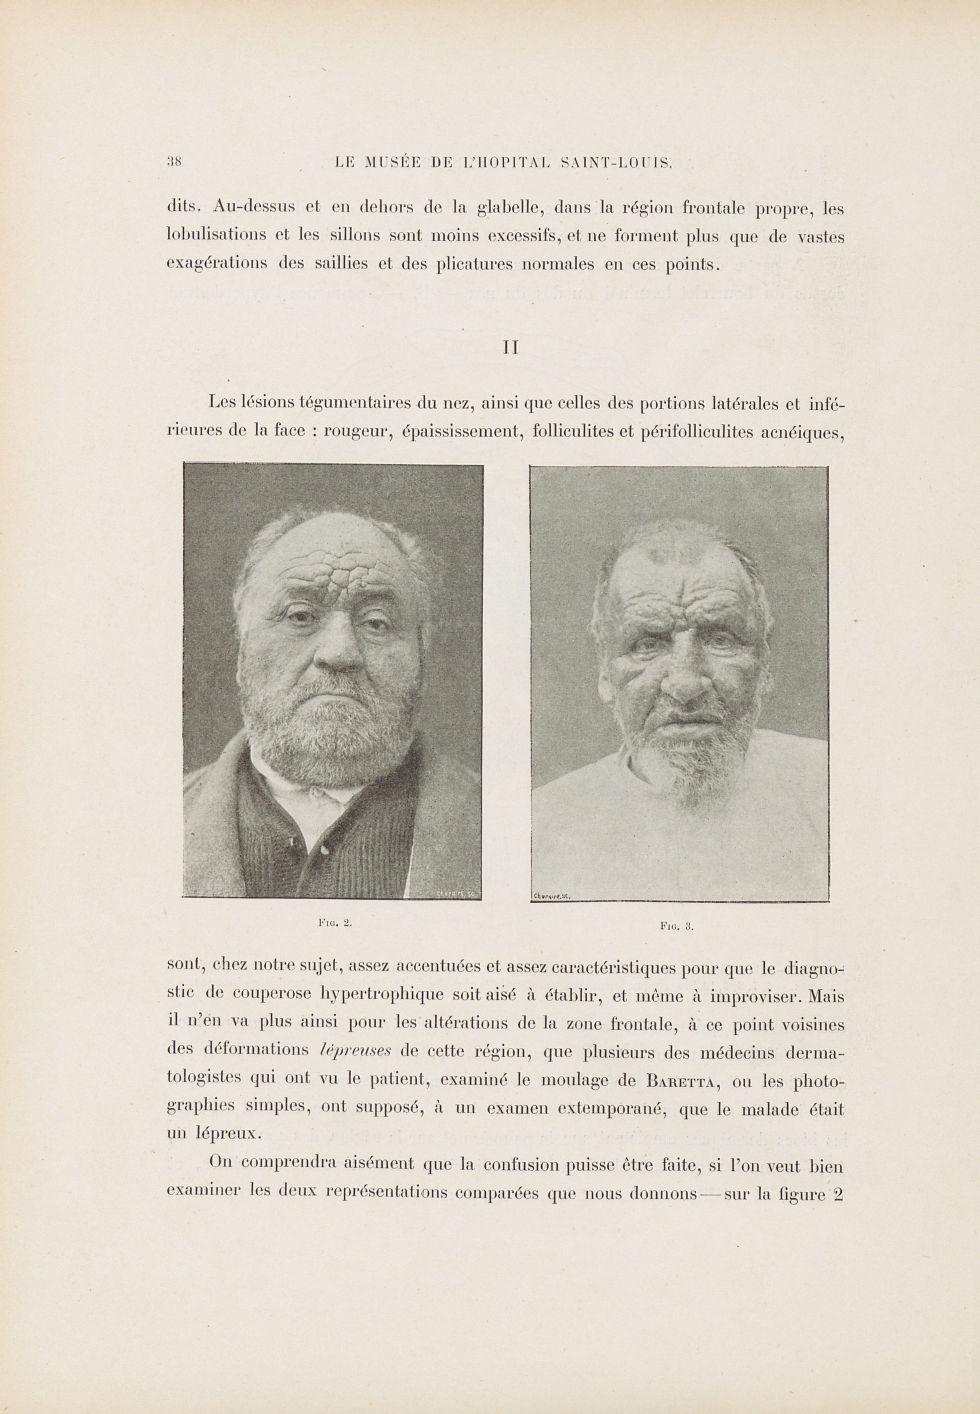 Fig. 2. [Couperose hypertrophique] / Fig. 3. Malade lépreux - Le musée de l'hôpital Saint-Louis : ic [...] - Dermatologie (peau). Lèpre. Visages (têtes). 19e siècle (France) - med01740x0052